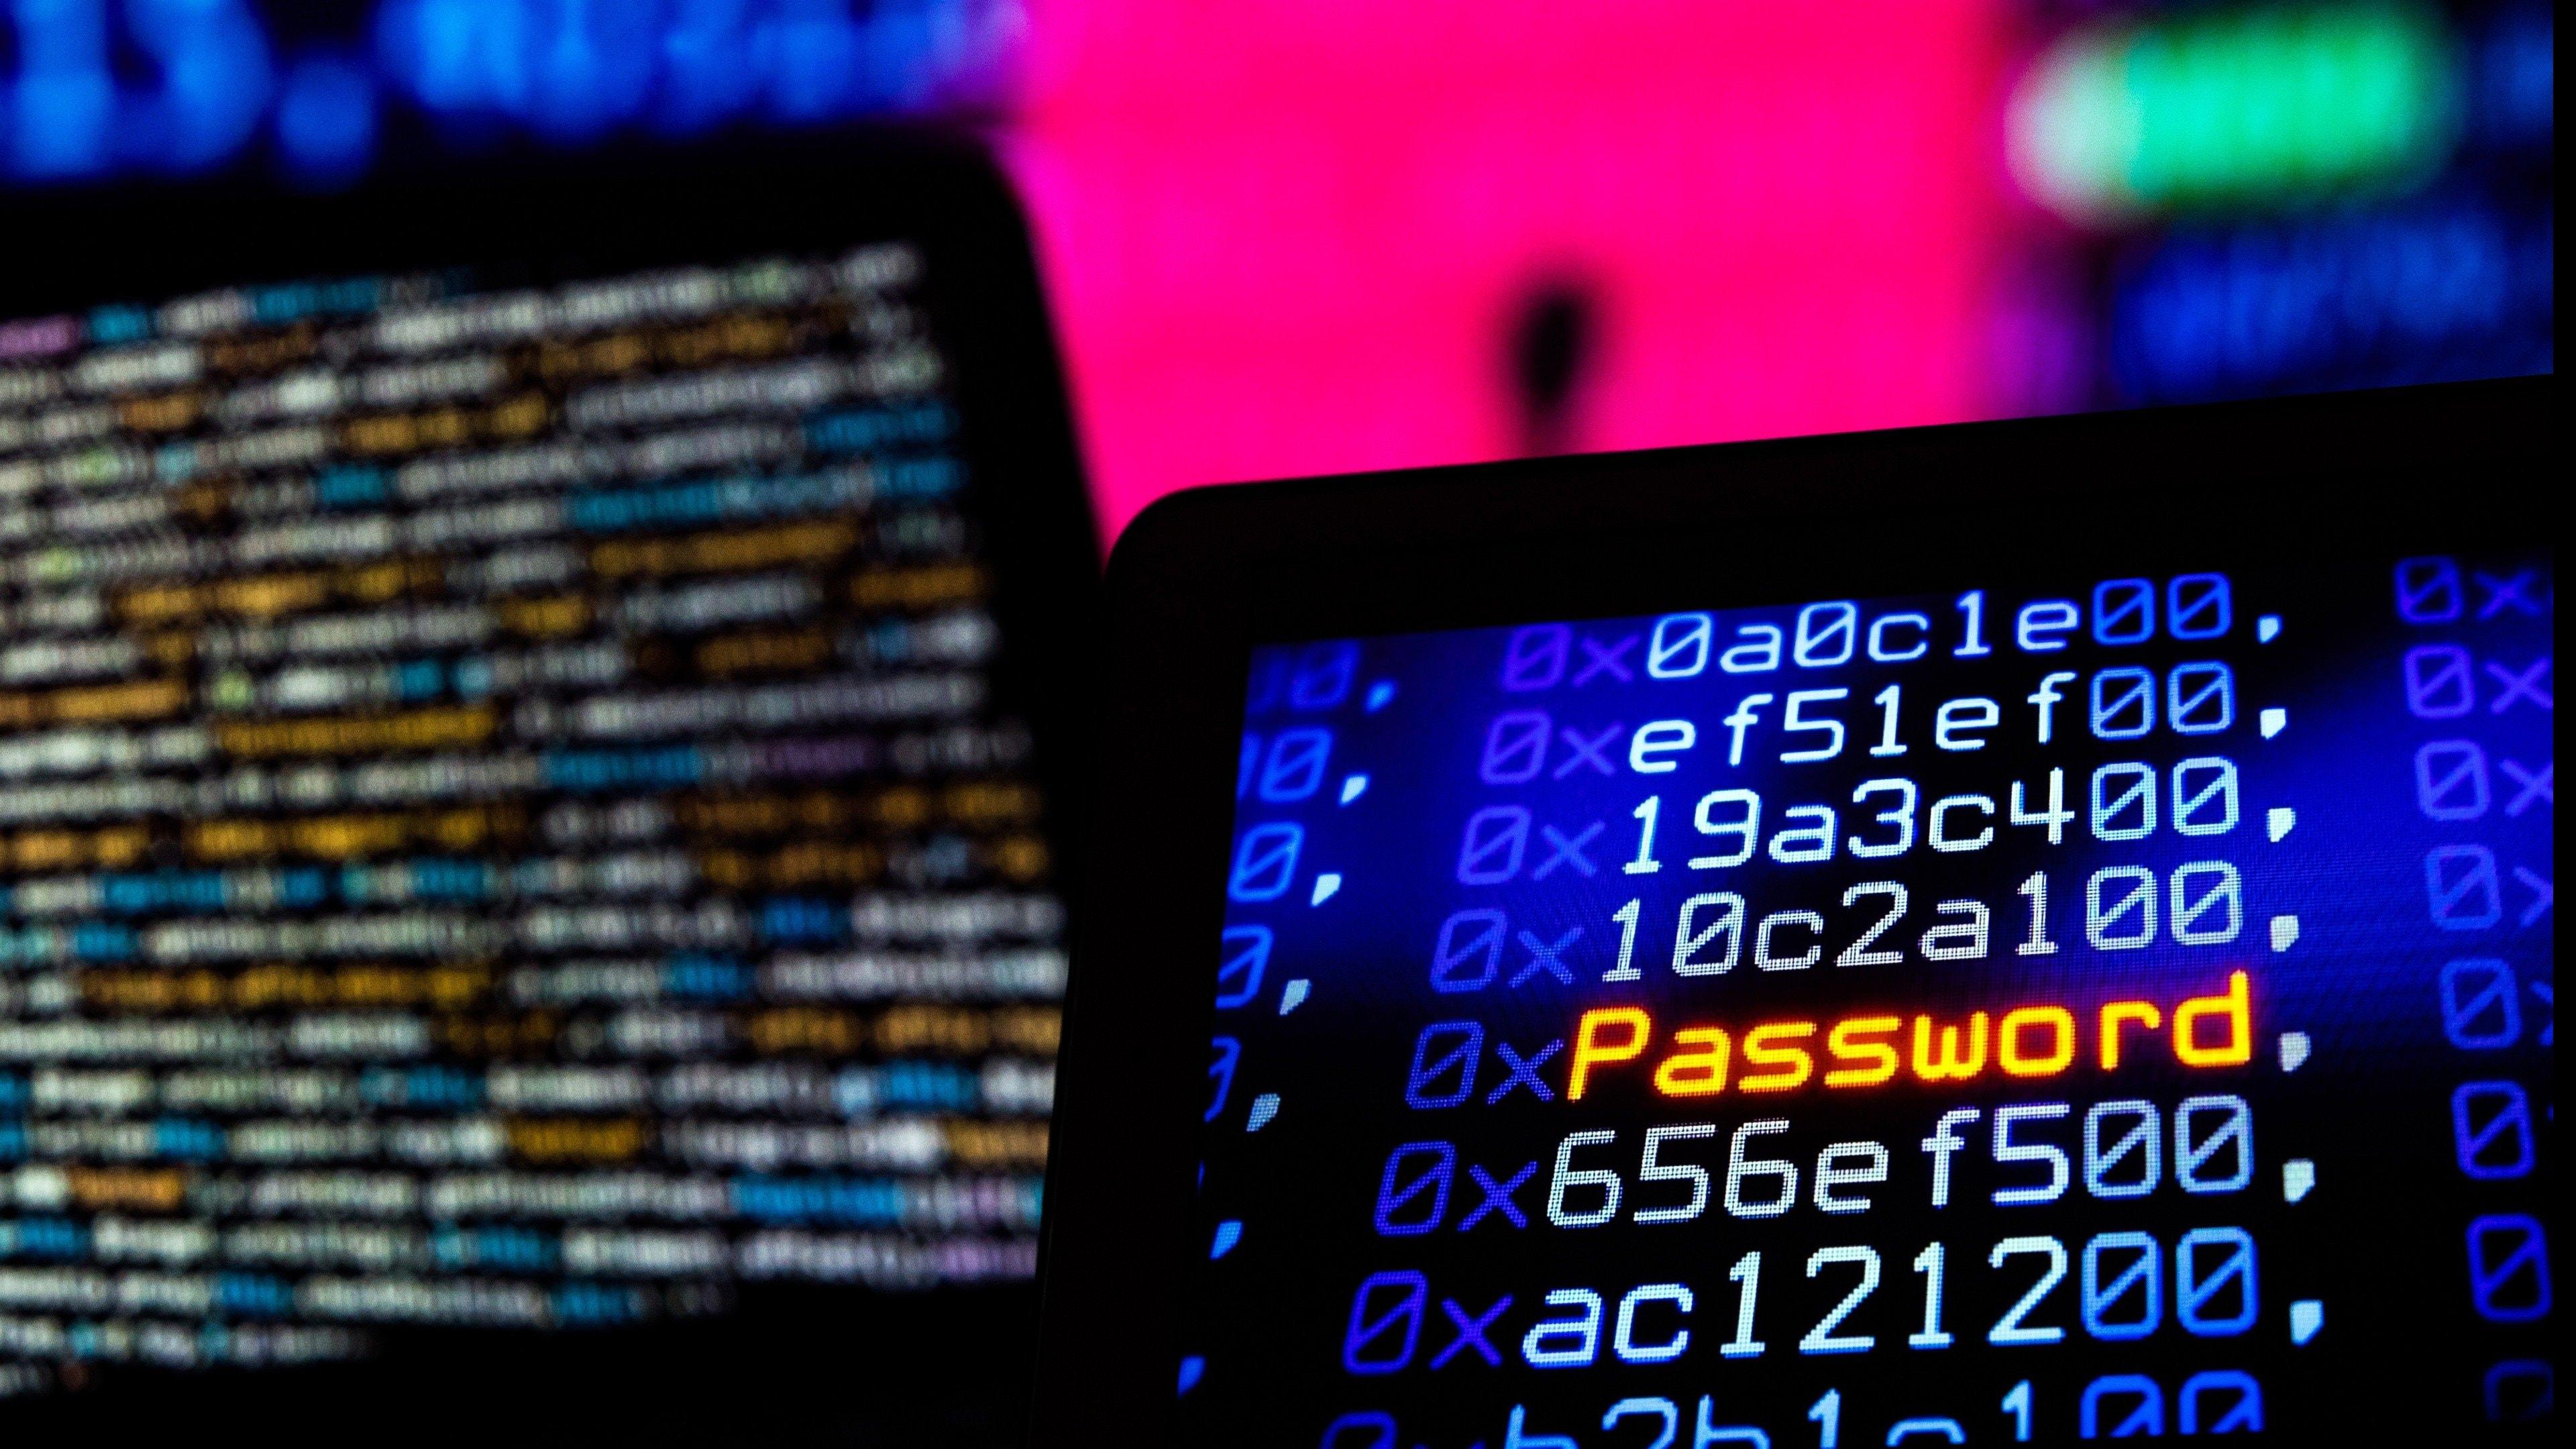 America's Cyberwar: Zero Days, Espionage & Vulnerabilities